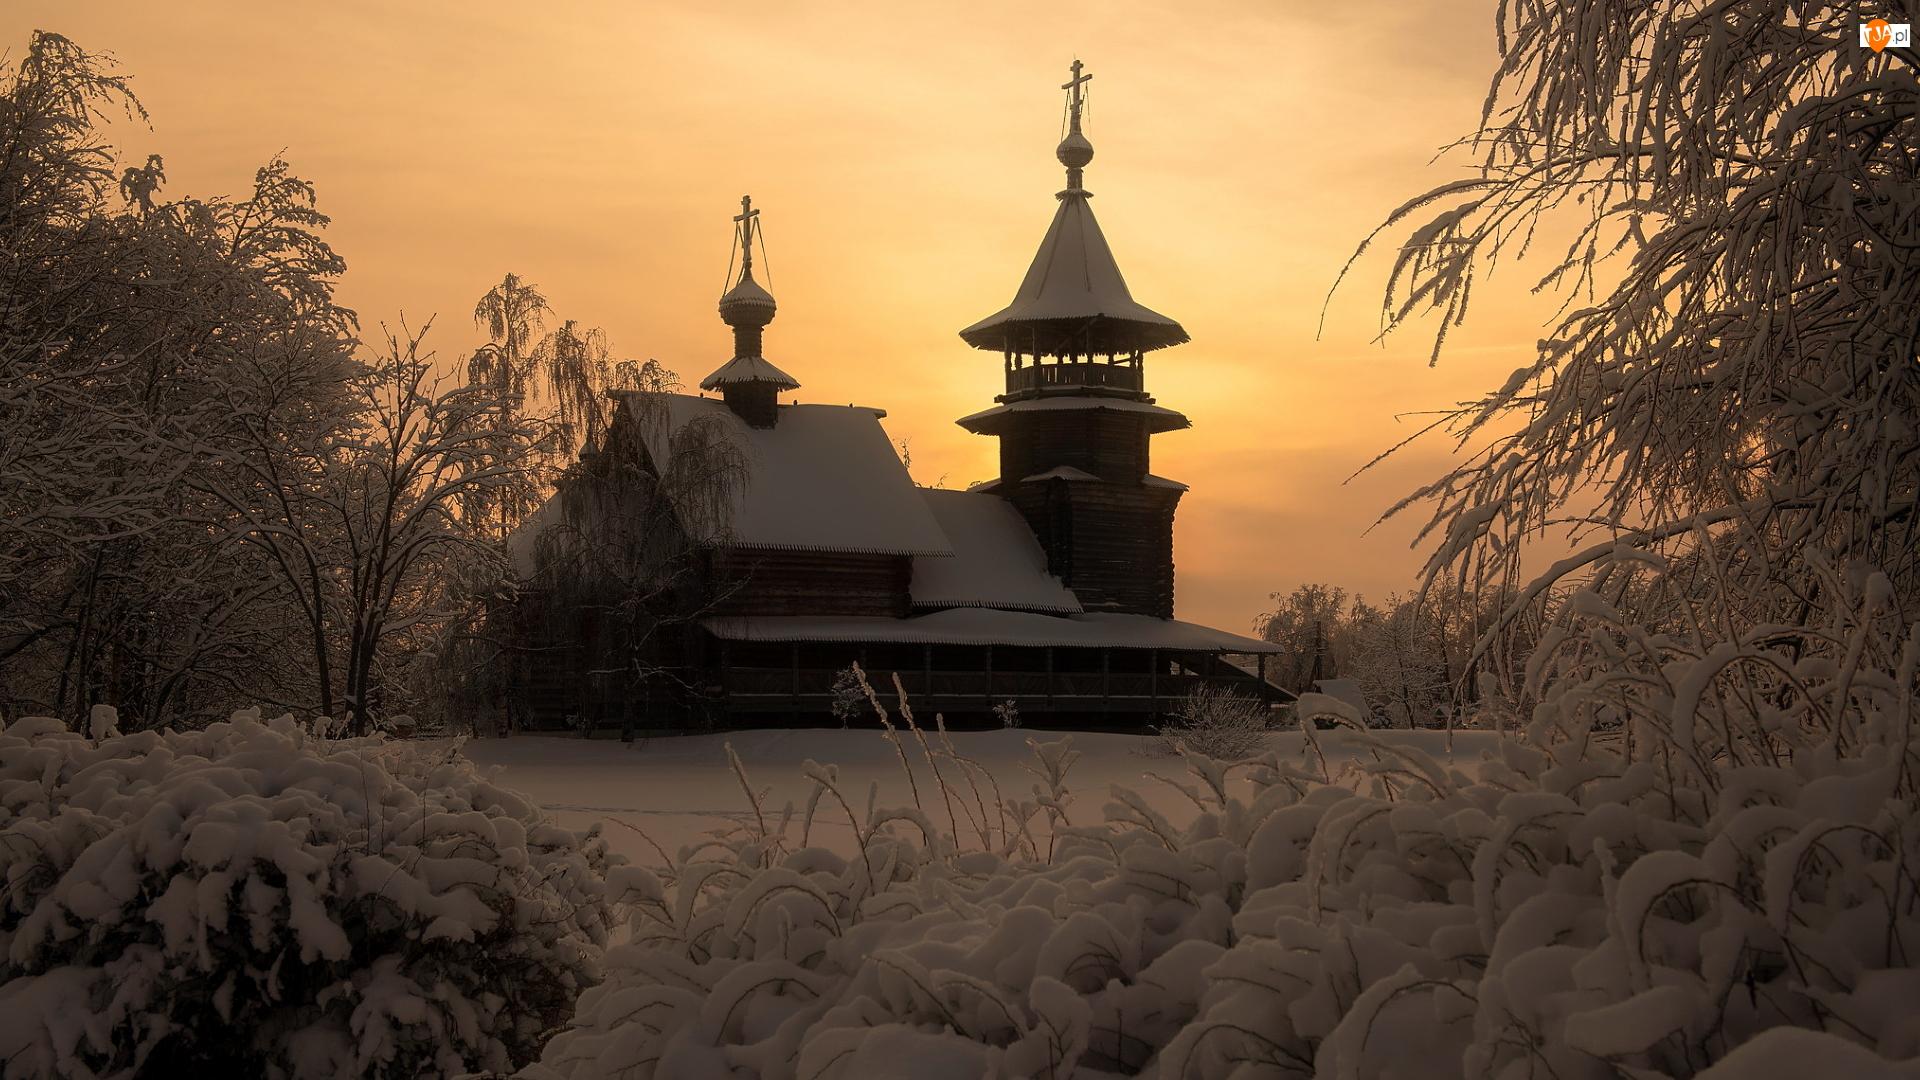 Cerkiew, Zima, Gałęzie, Krzewy, Ośnieżone, Drzewa